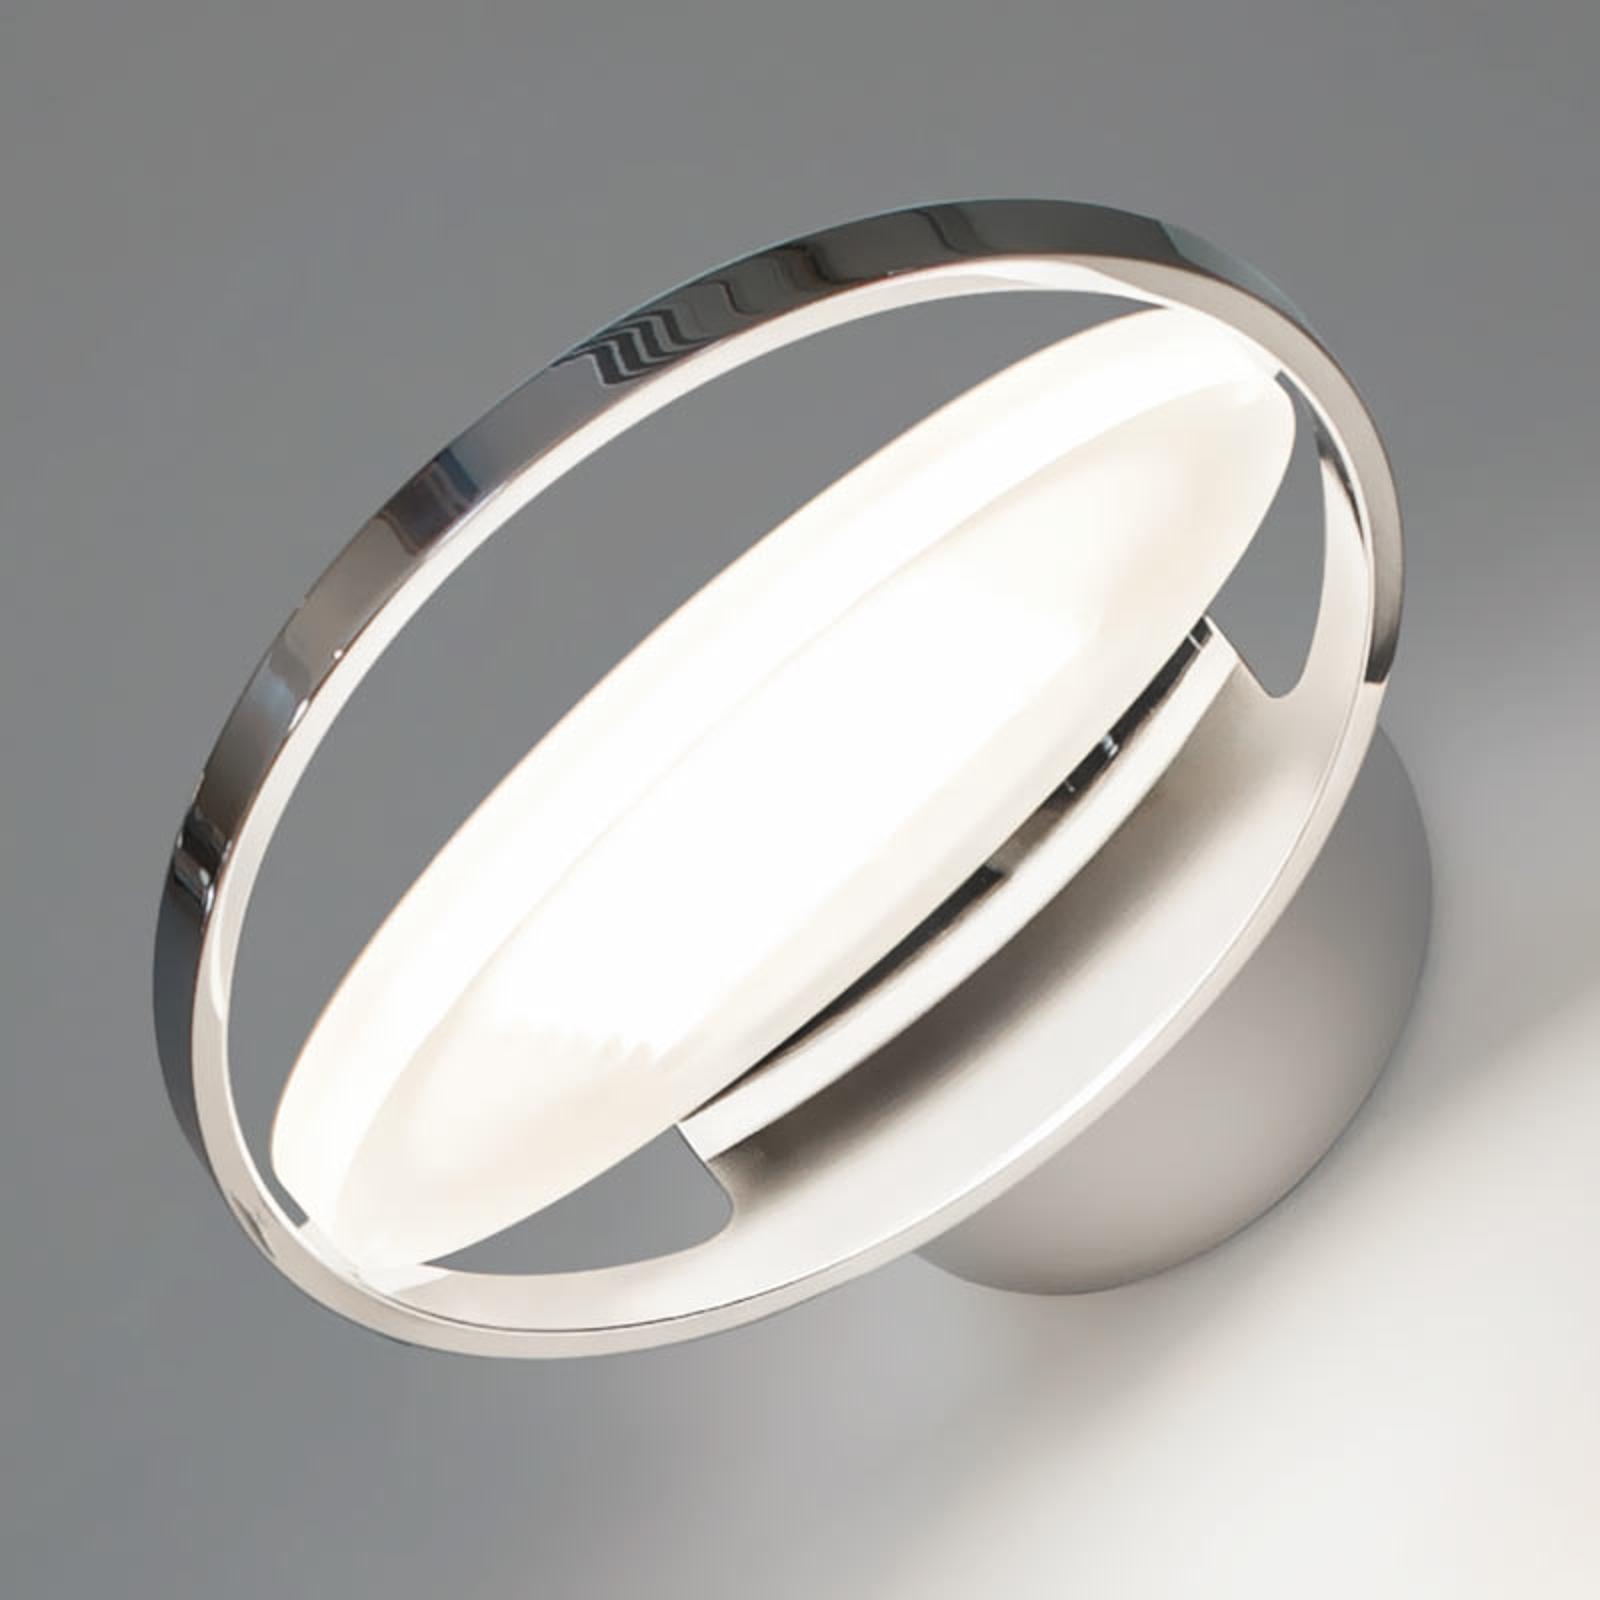 Nimbus Rim R 36 applique LED, chromé